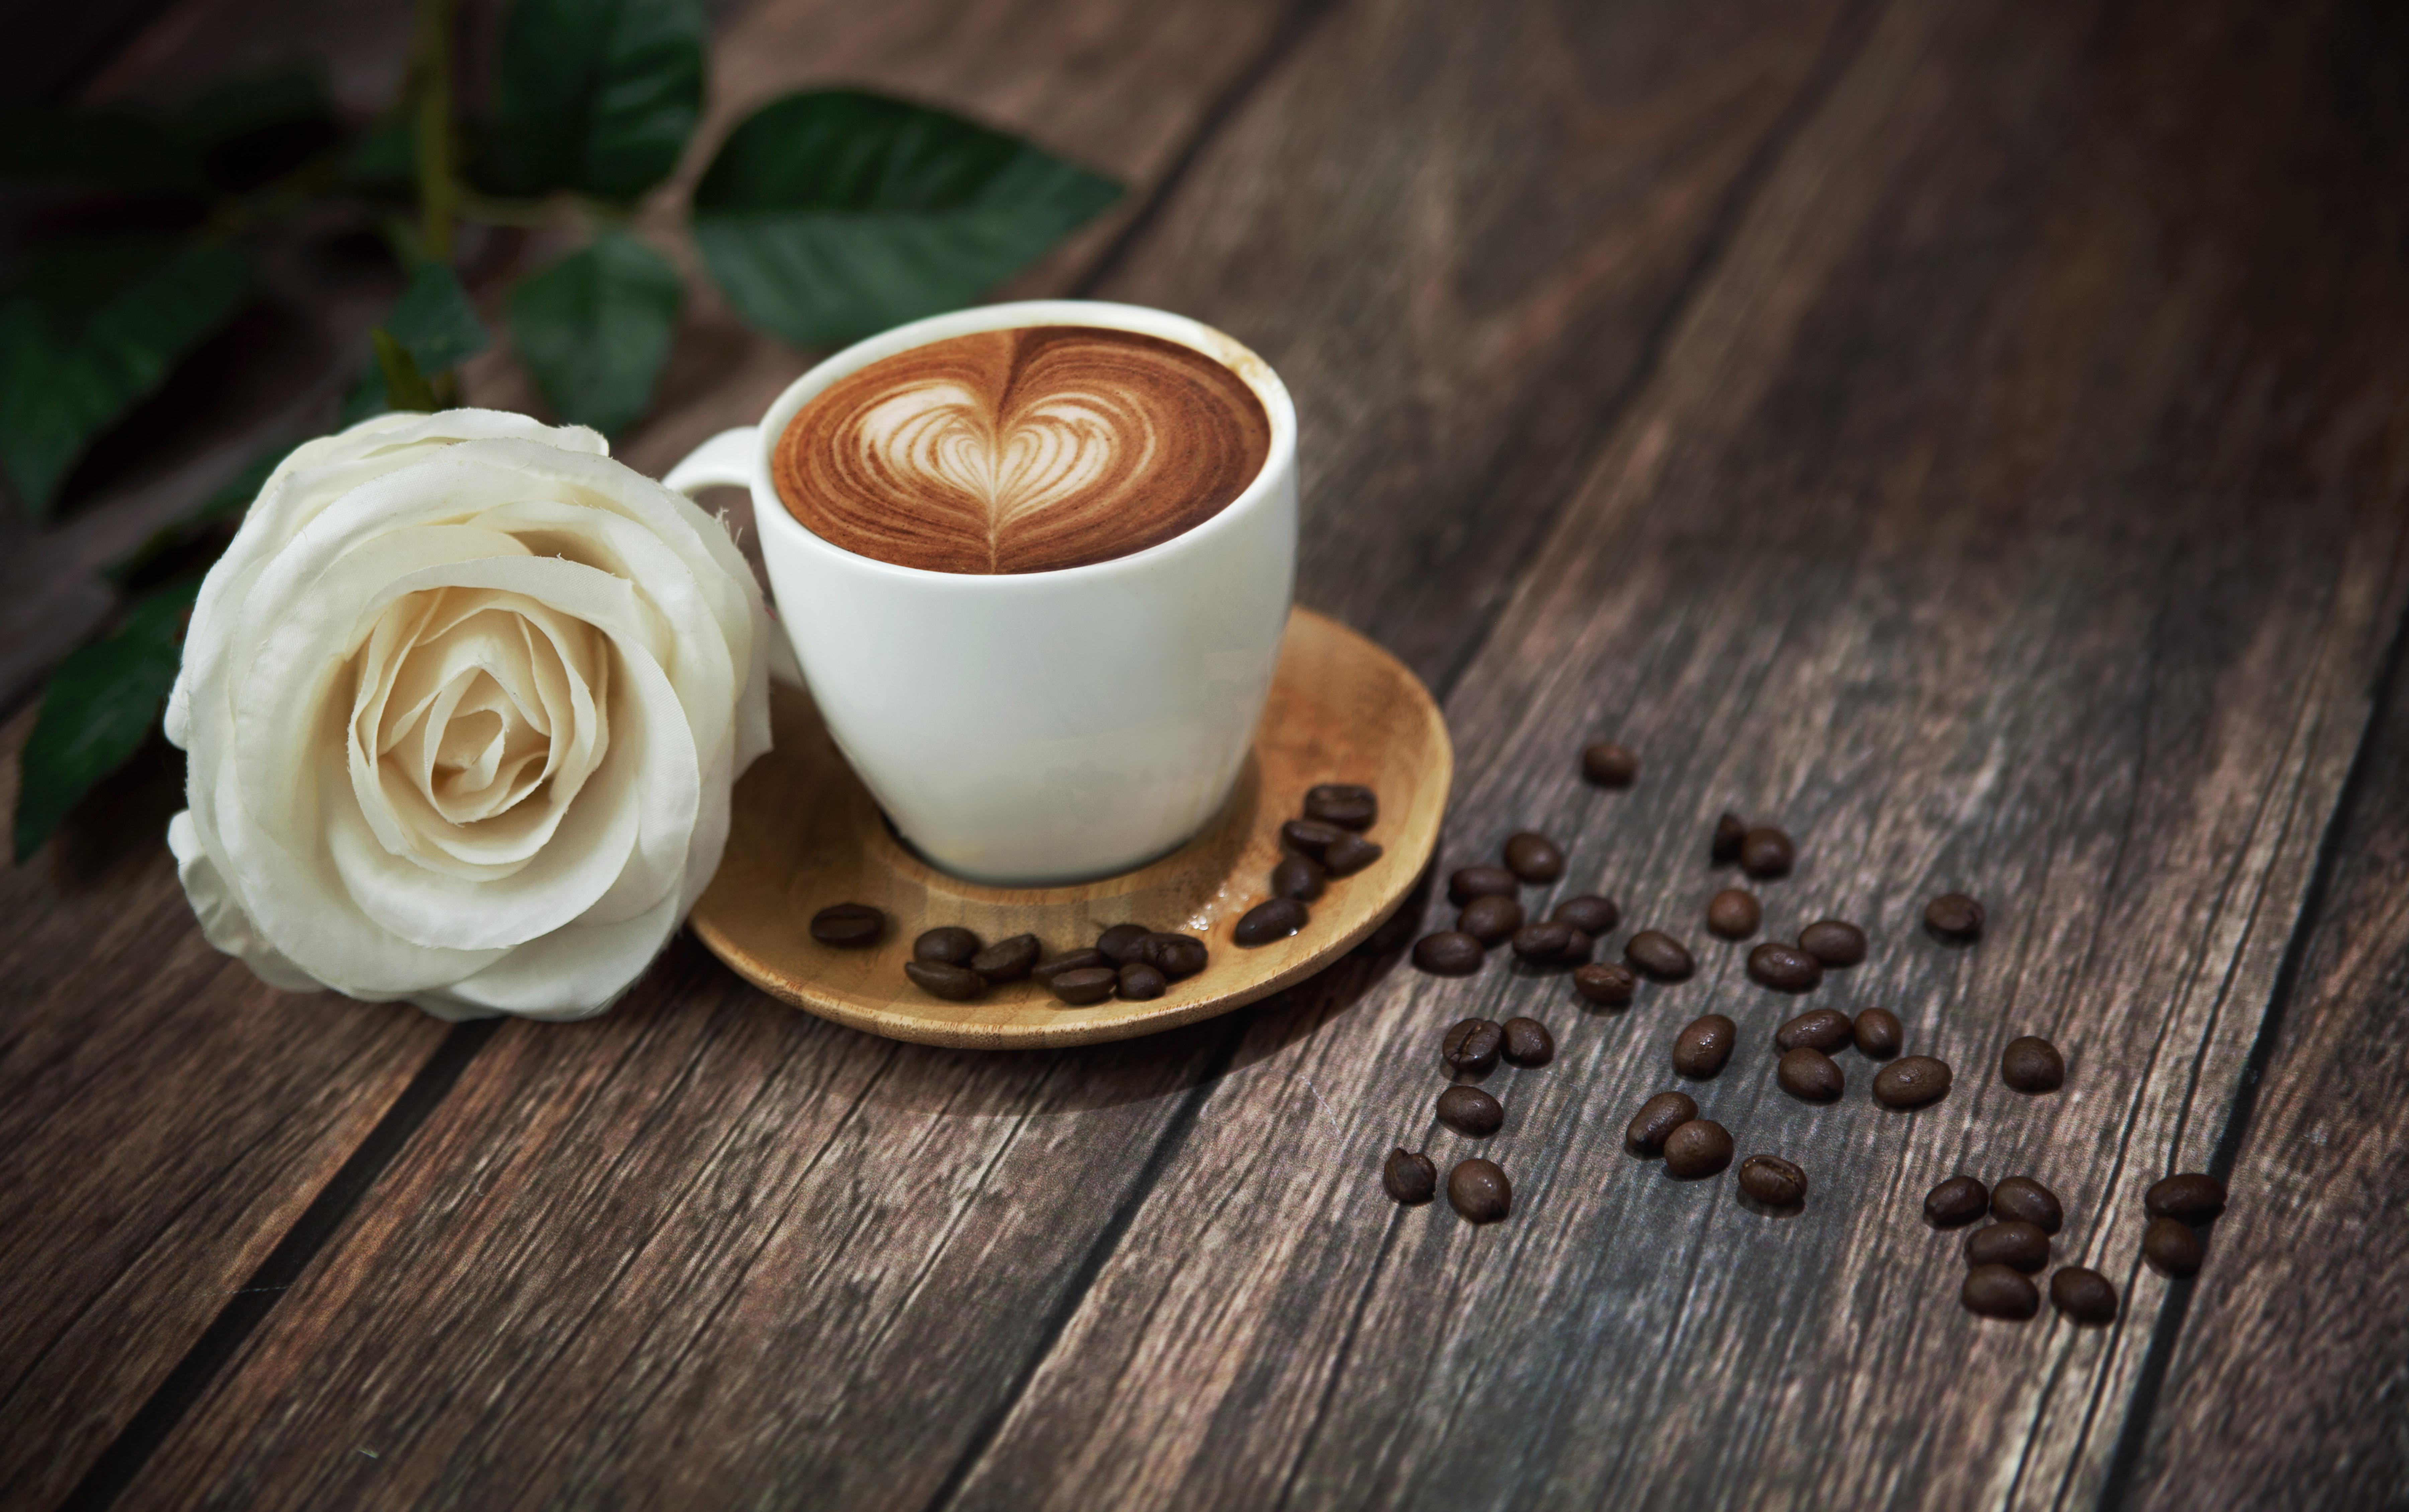 Чашка кофе с розой